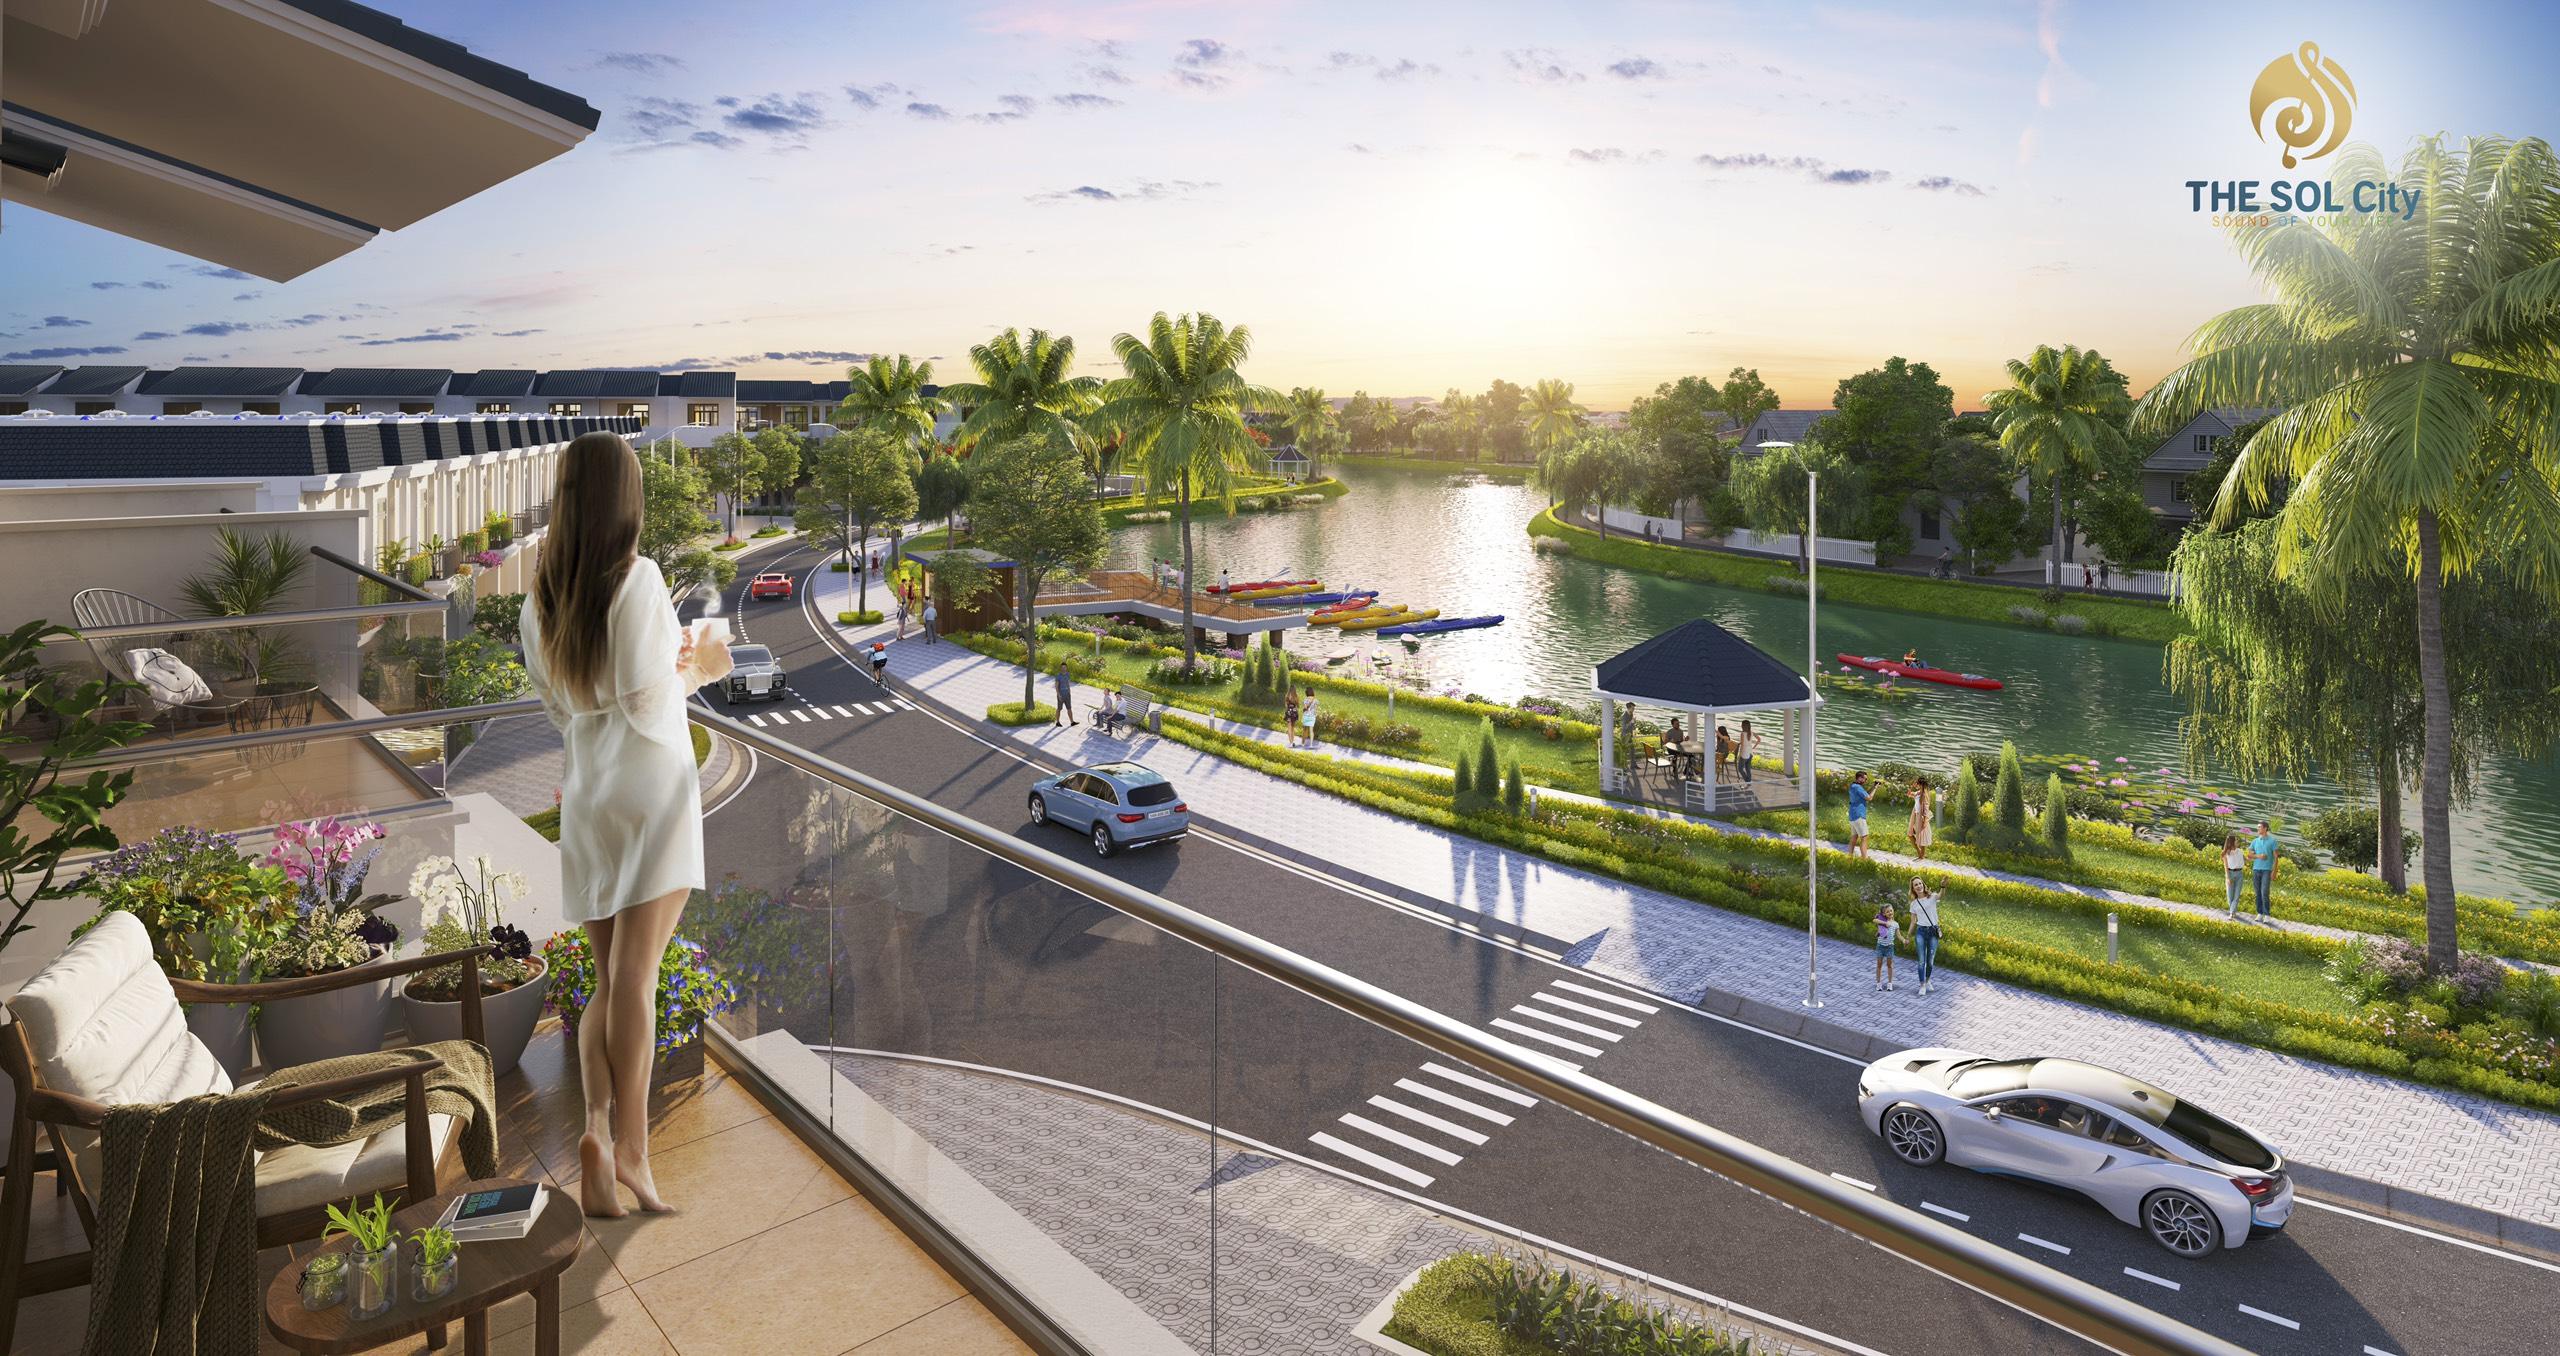 Công viện dọc sông thoáng mát mang lại không khí trong lành thư thái cho cả dự án